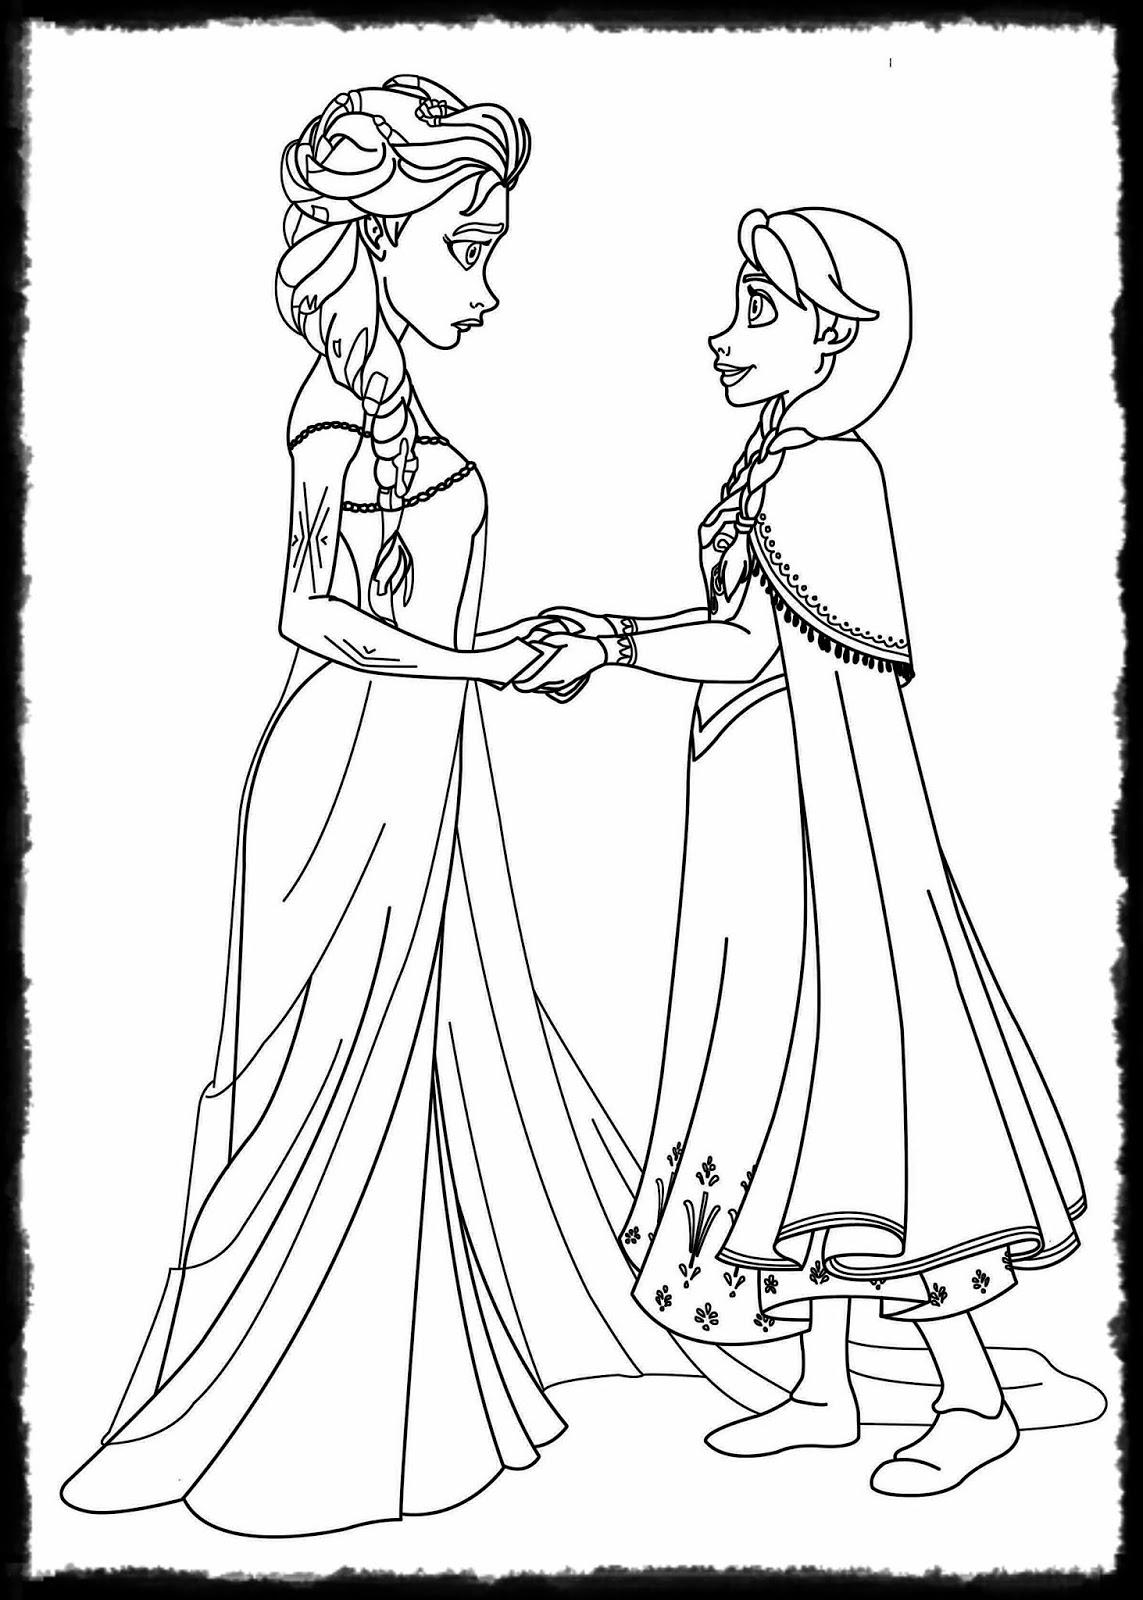 malvorlagen für kinder eiskönigin ausmalbilder 2  sims 4